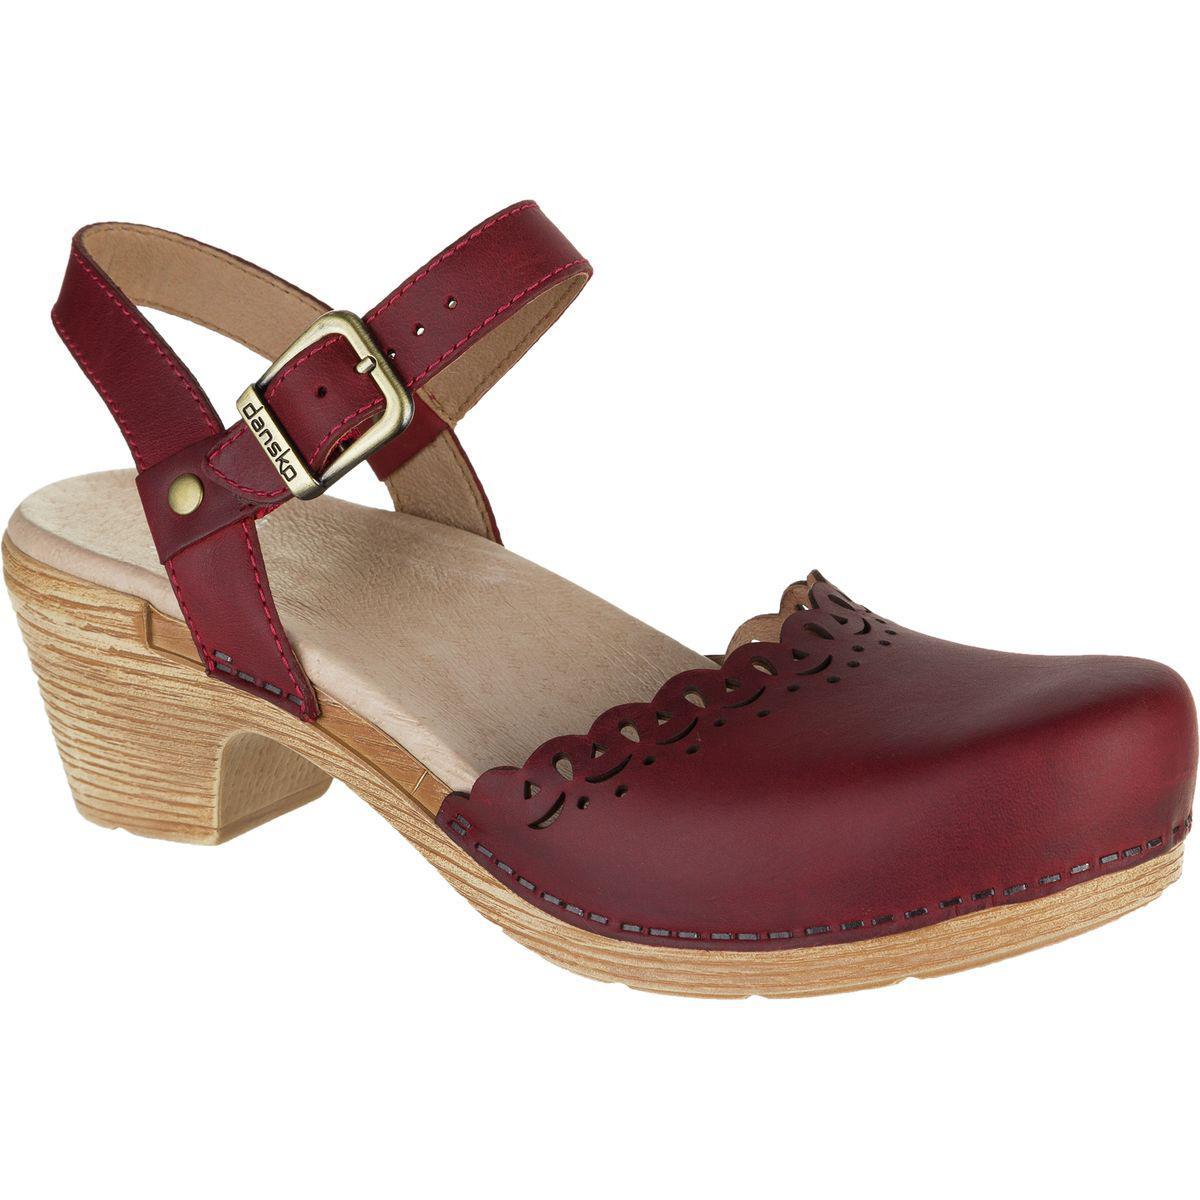 98a613062be Lyst - Dansko Marta Shoe in Red